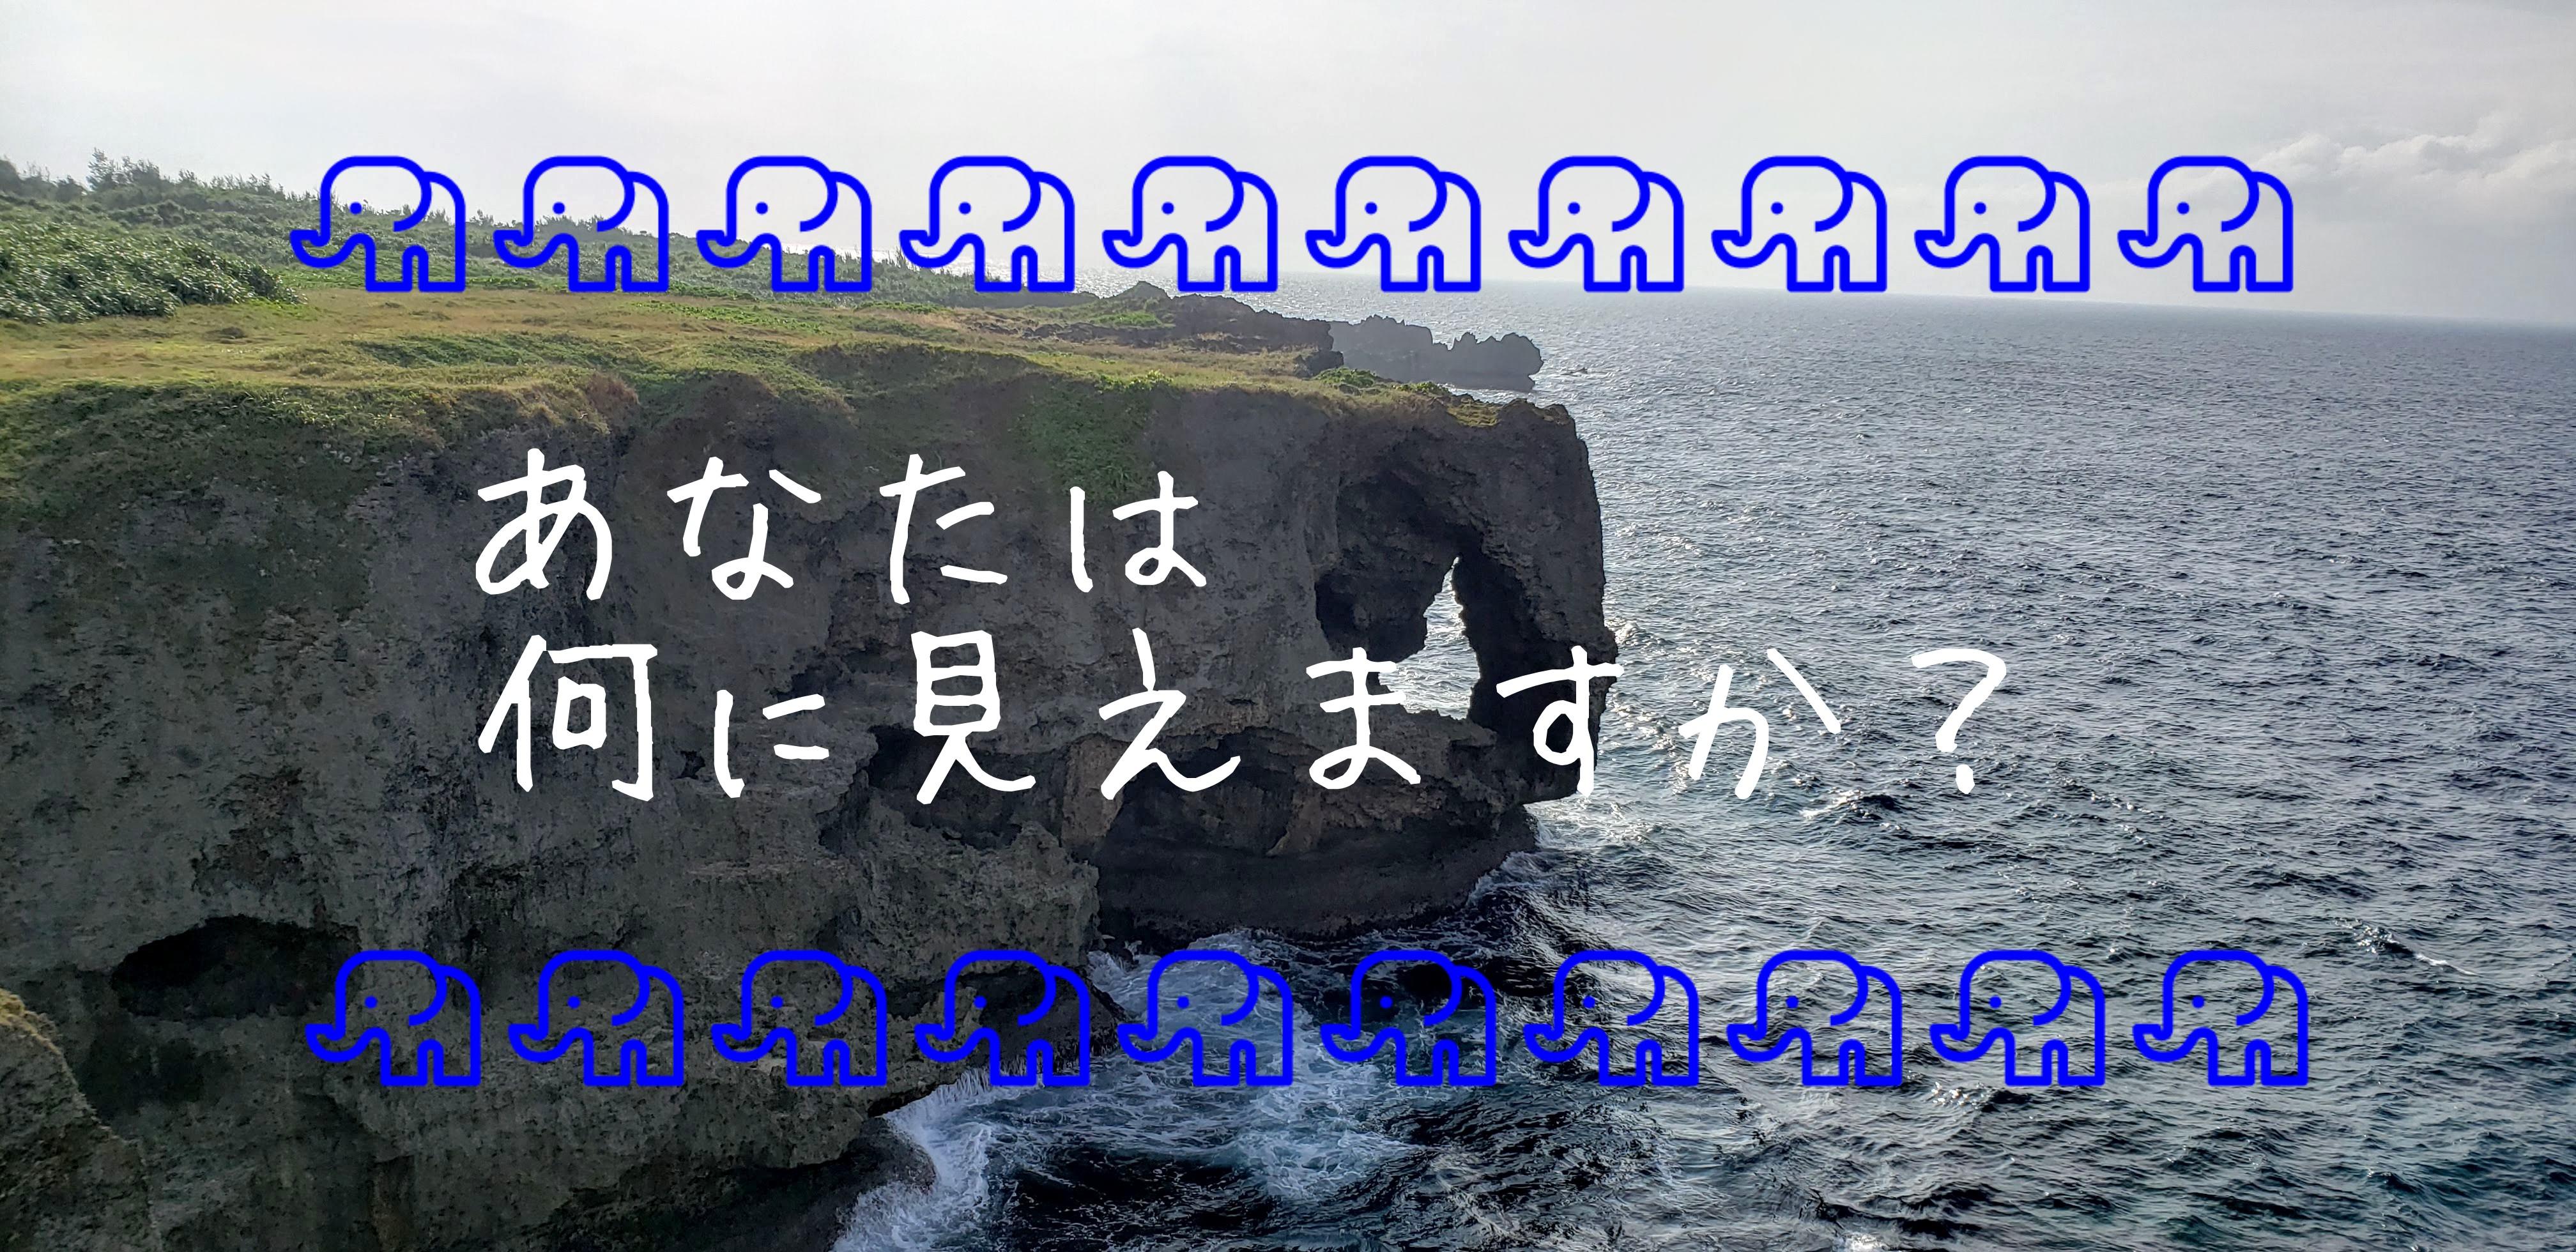 ★沖縄おすすめポイント紹介(象にしか見えない!@万座毛)㉑